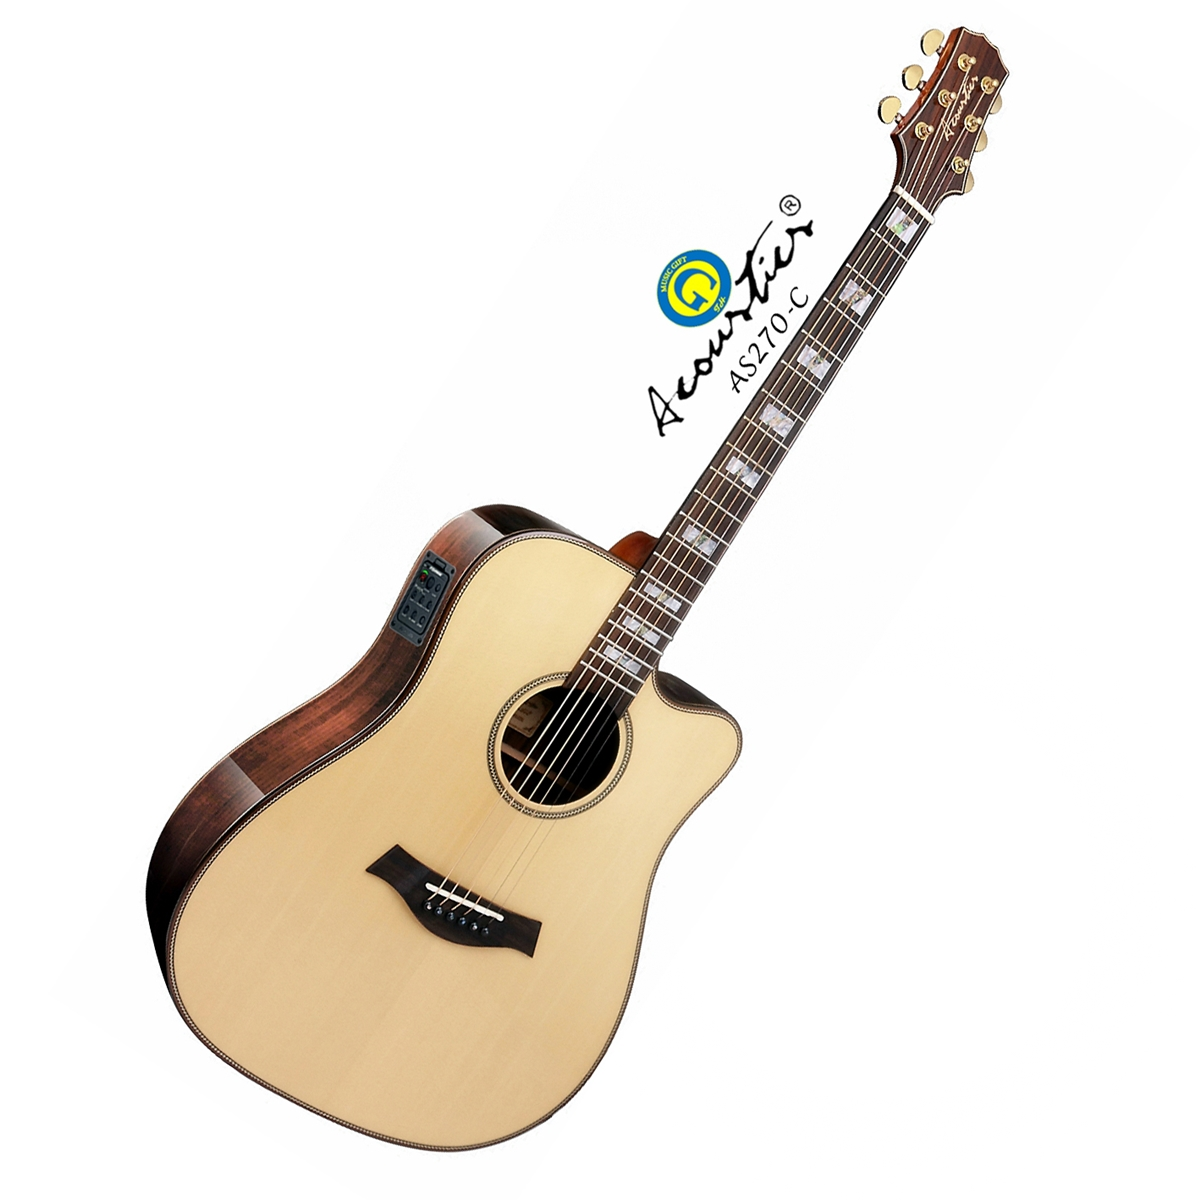 กีตาร์ โปร่ง ไฟฟ้า ยี่ห้อ Acoustics รุ่น AS270-C Top Solid Sitka Select Spruce ไม้หน้าแท้คัดพิเศษ